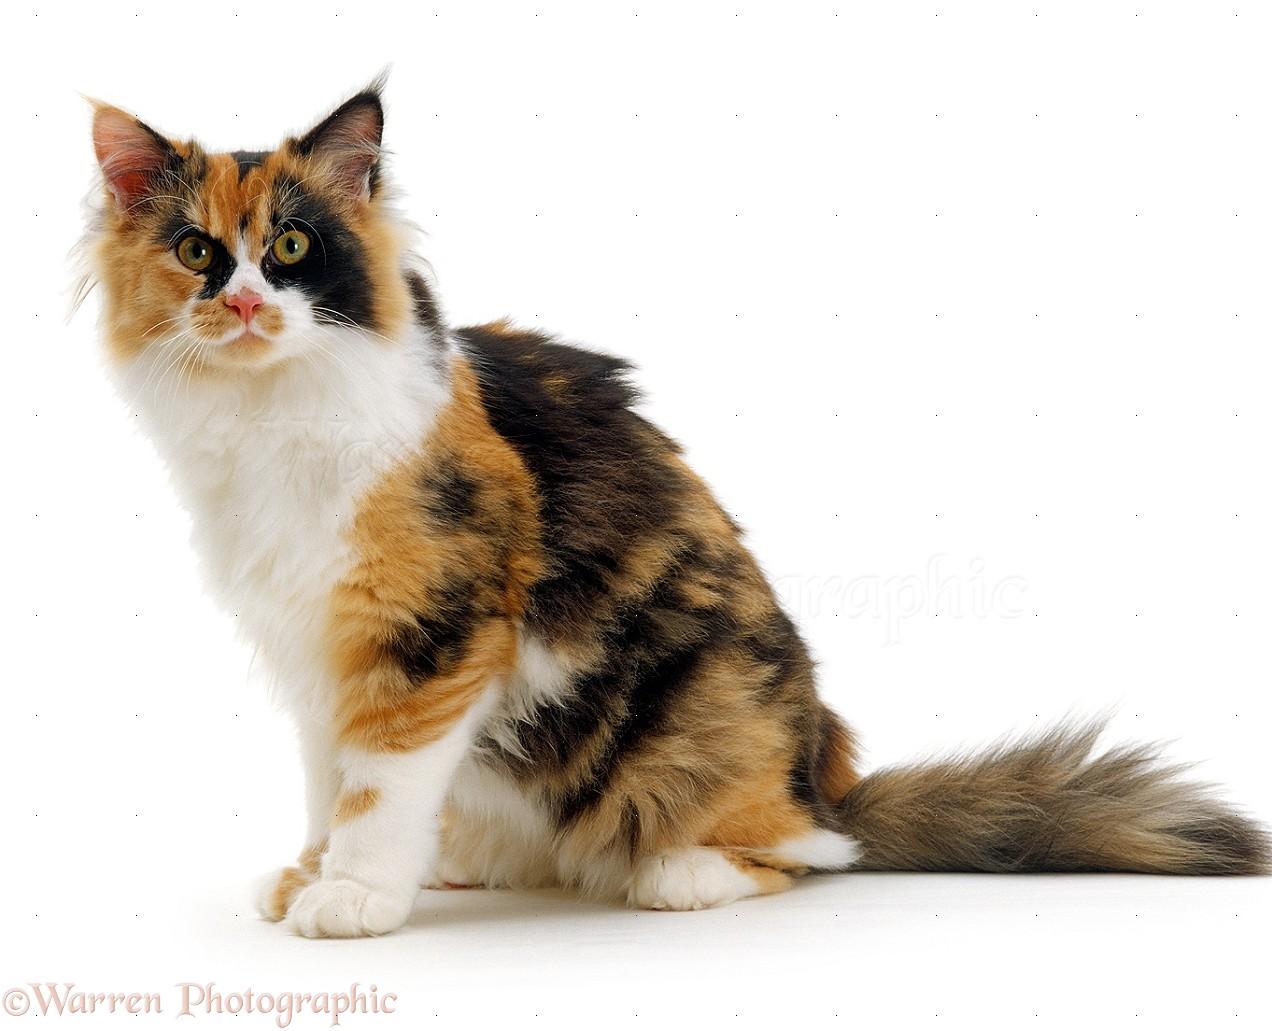 Calico Female Cat Photo Wp16655